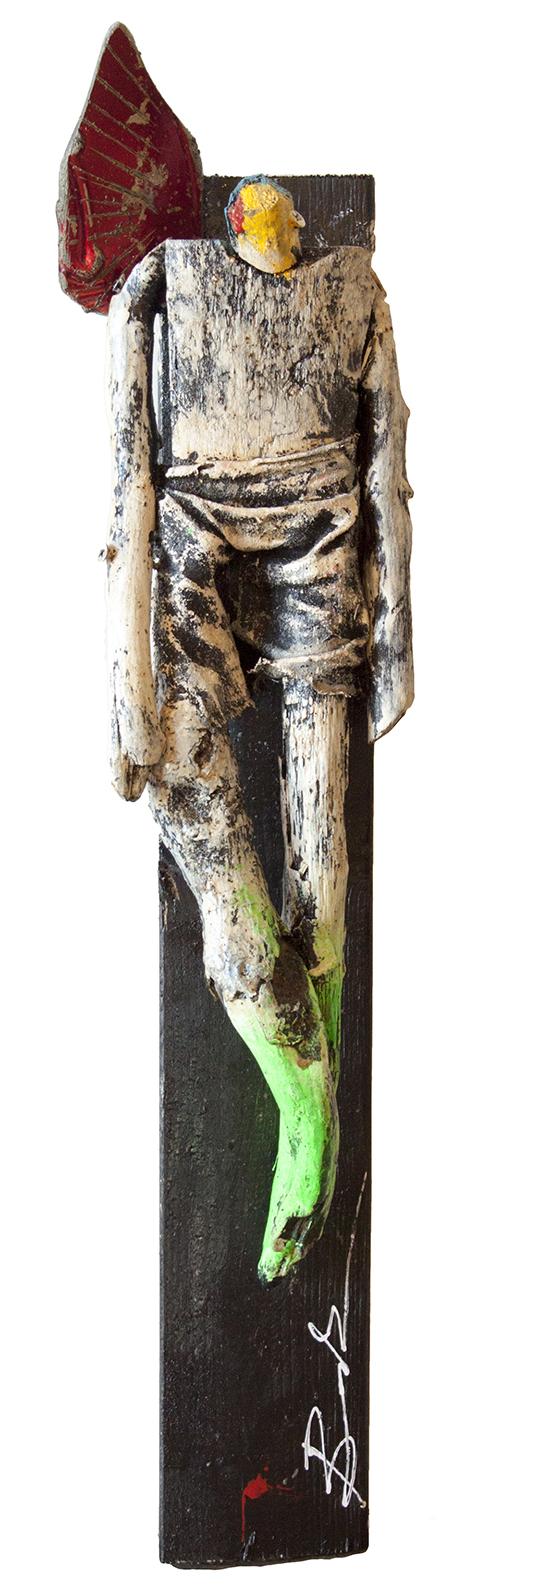 """Angel 2 - 5"""" x 25"""" x 4"""" - mixed media sculpture"""